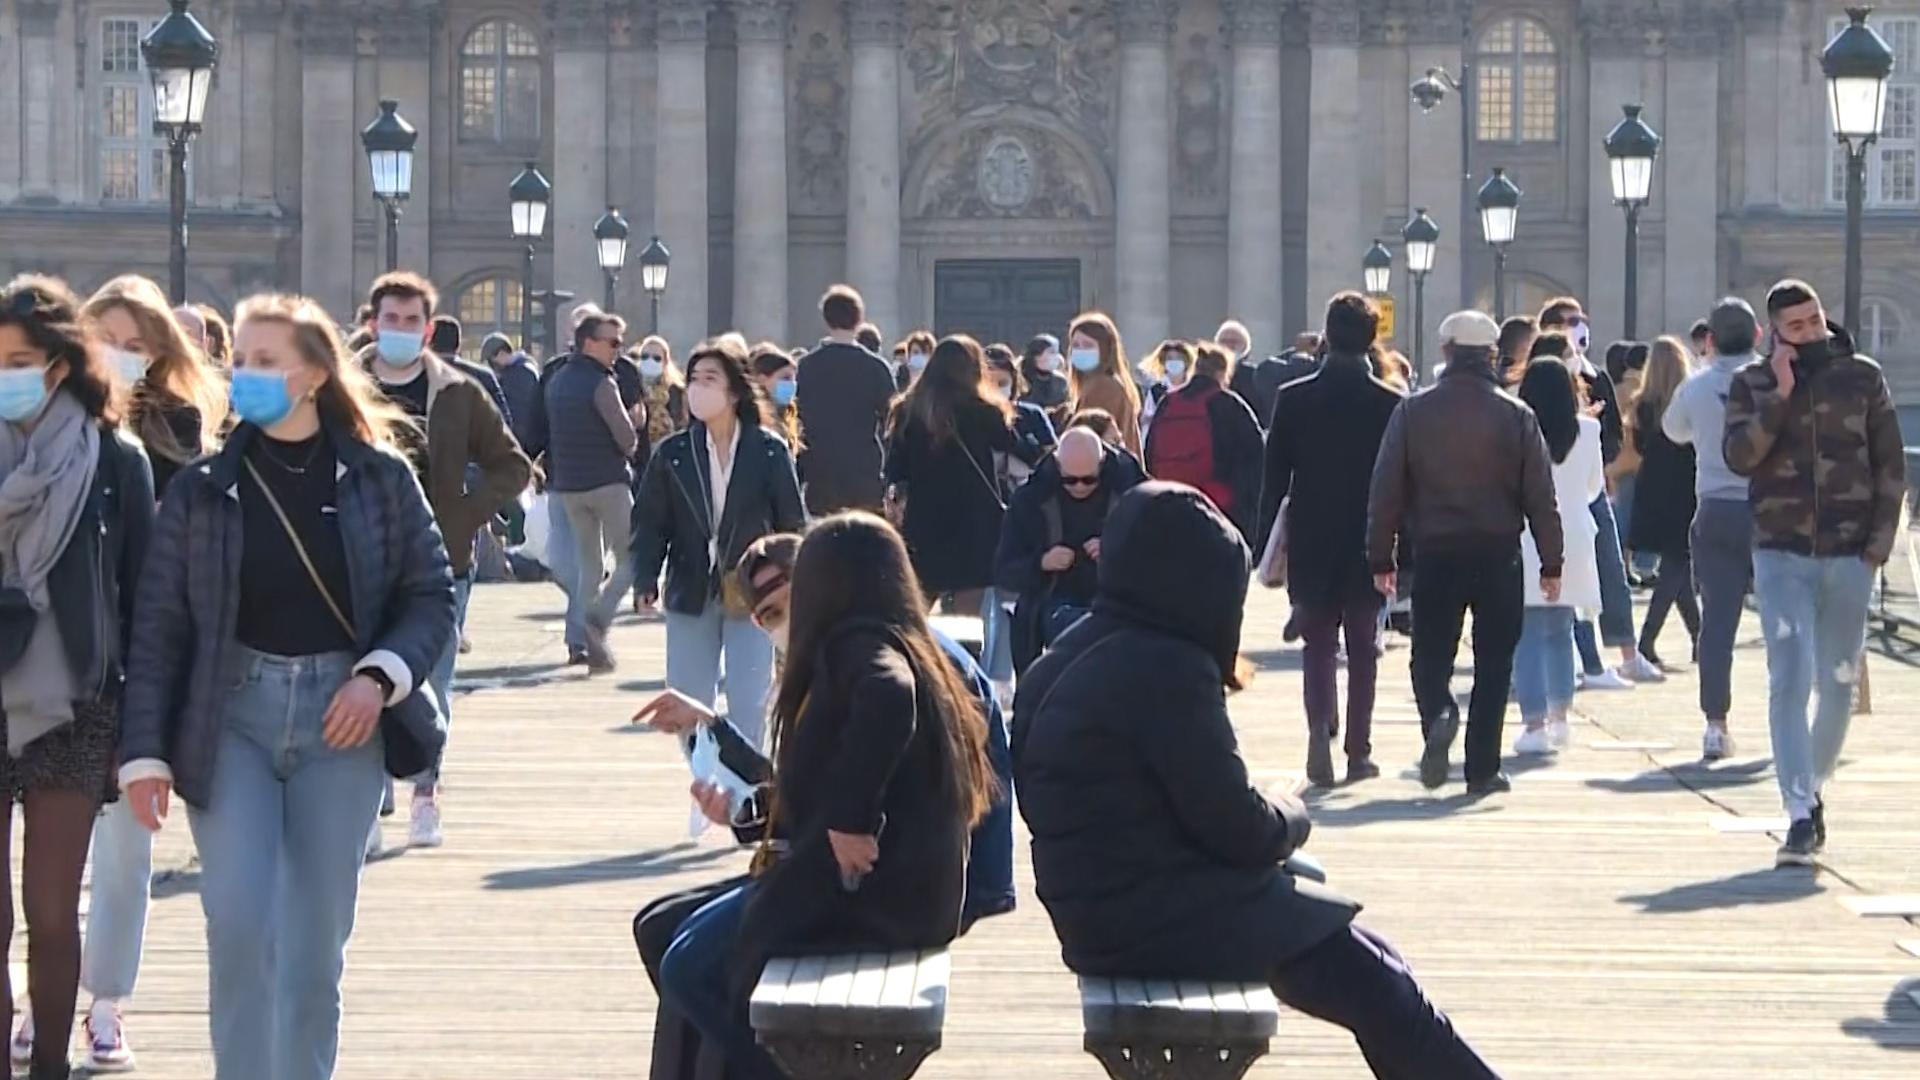 VIDÉO. Covid-19 : à Paris, le soleil attire de nombreux promeneurs sur les quais - Le Parisien